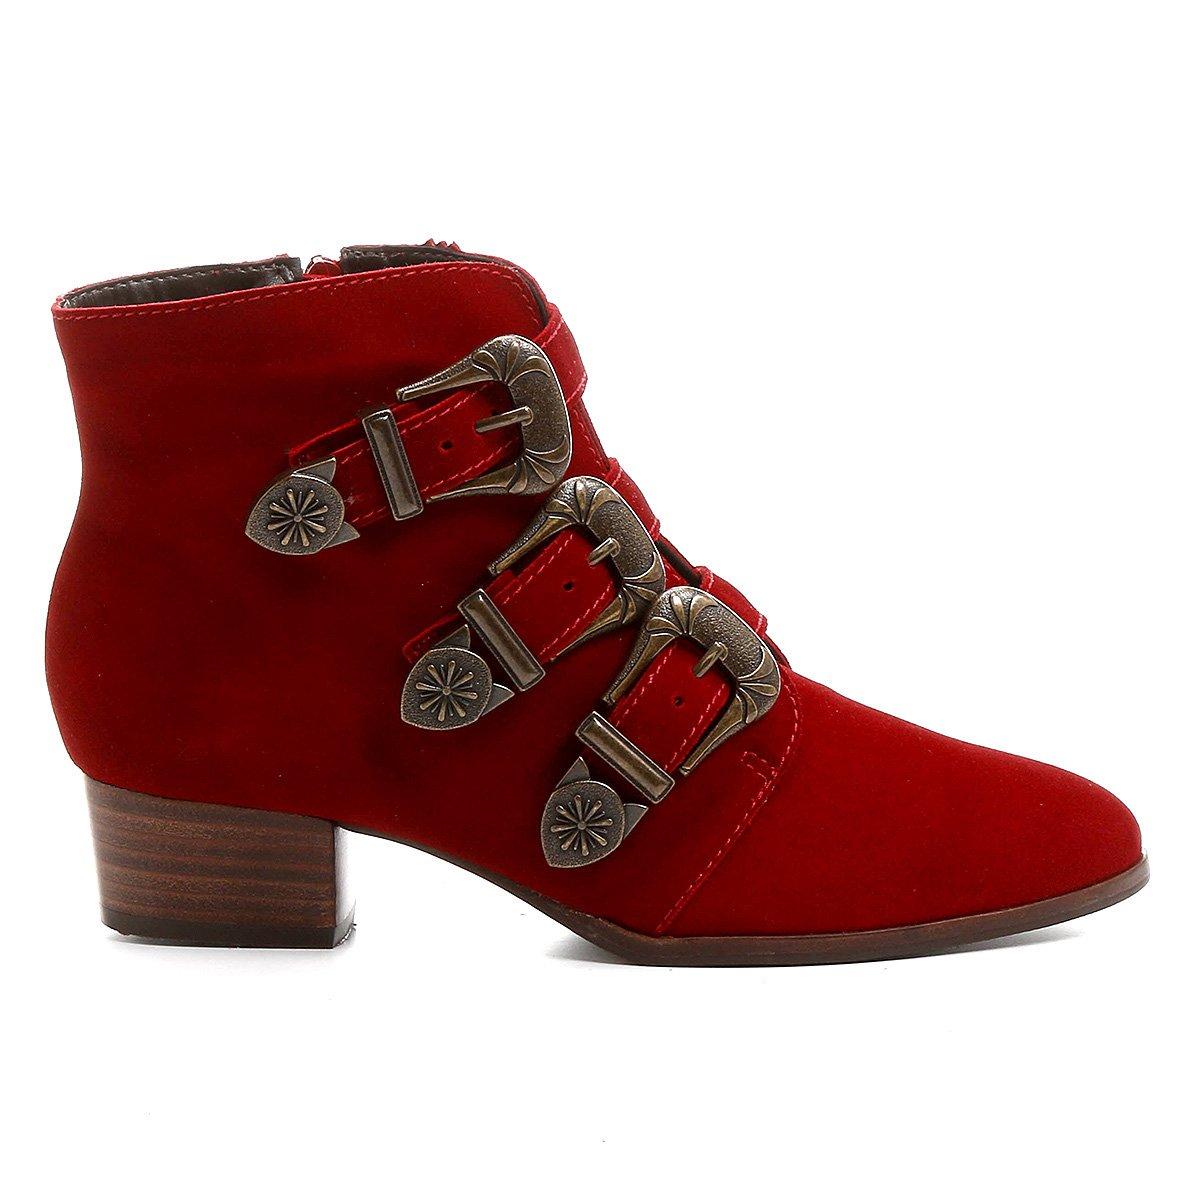 Shoestock Bota Bota Fivelas Couro Curto Feminina Couro Cano 3 Vermelho w7wtO